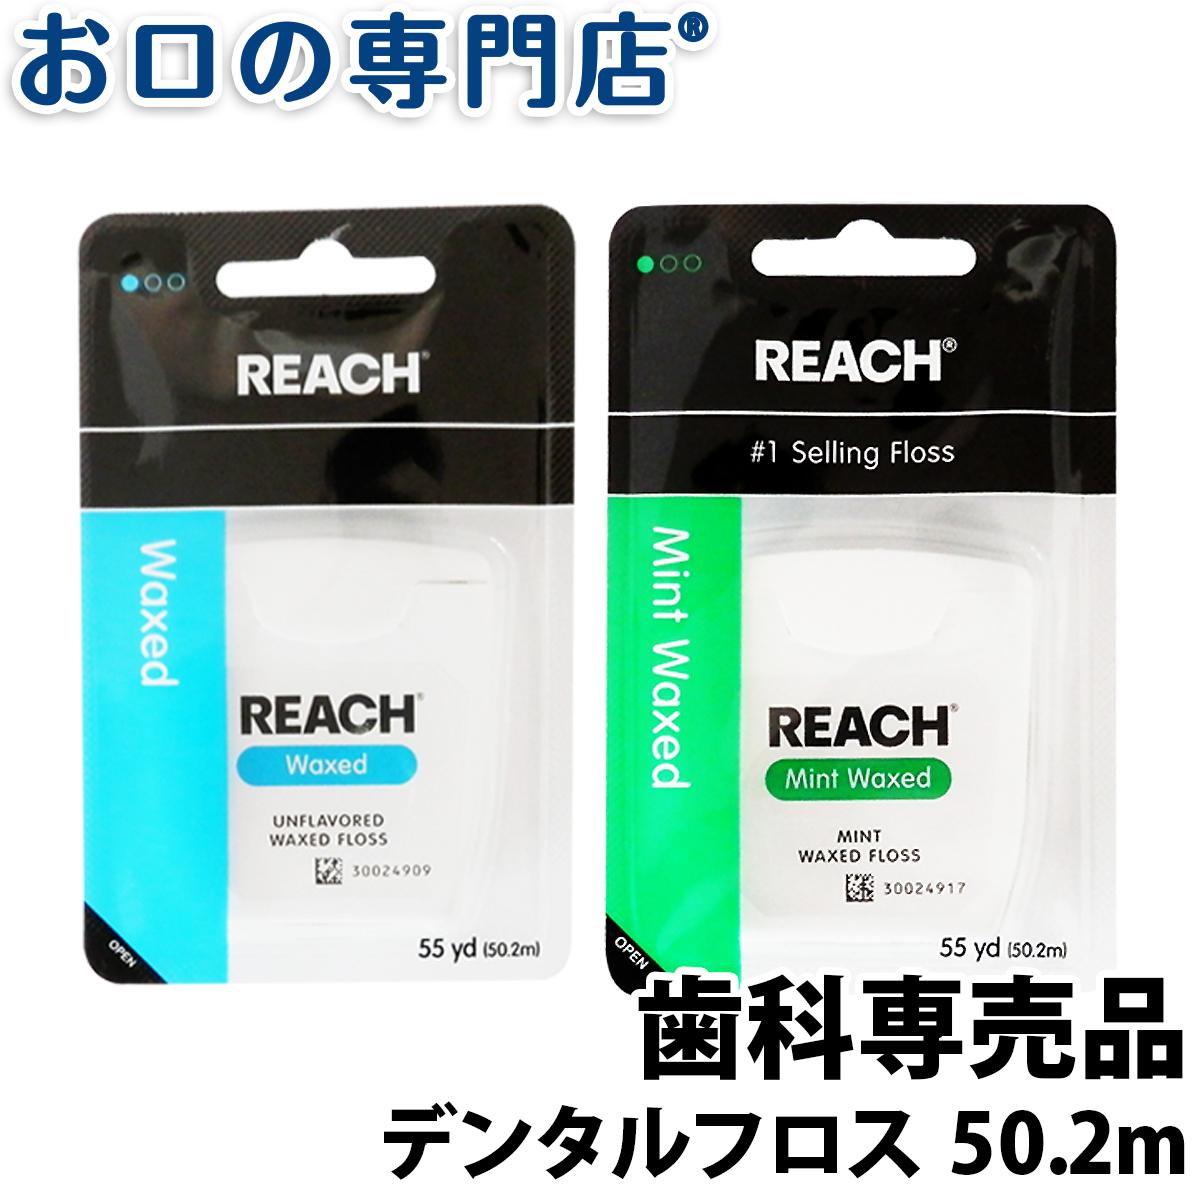 【200円OFFクーポンあり】REACH(リーチ)デンタルフロス 55ヤード(50.2m)  歯科専売品【メール便OK】